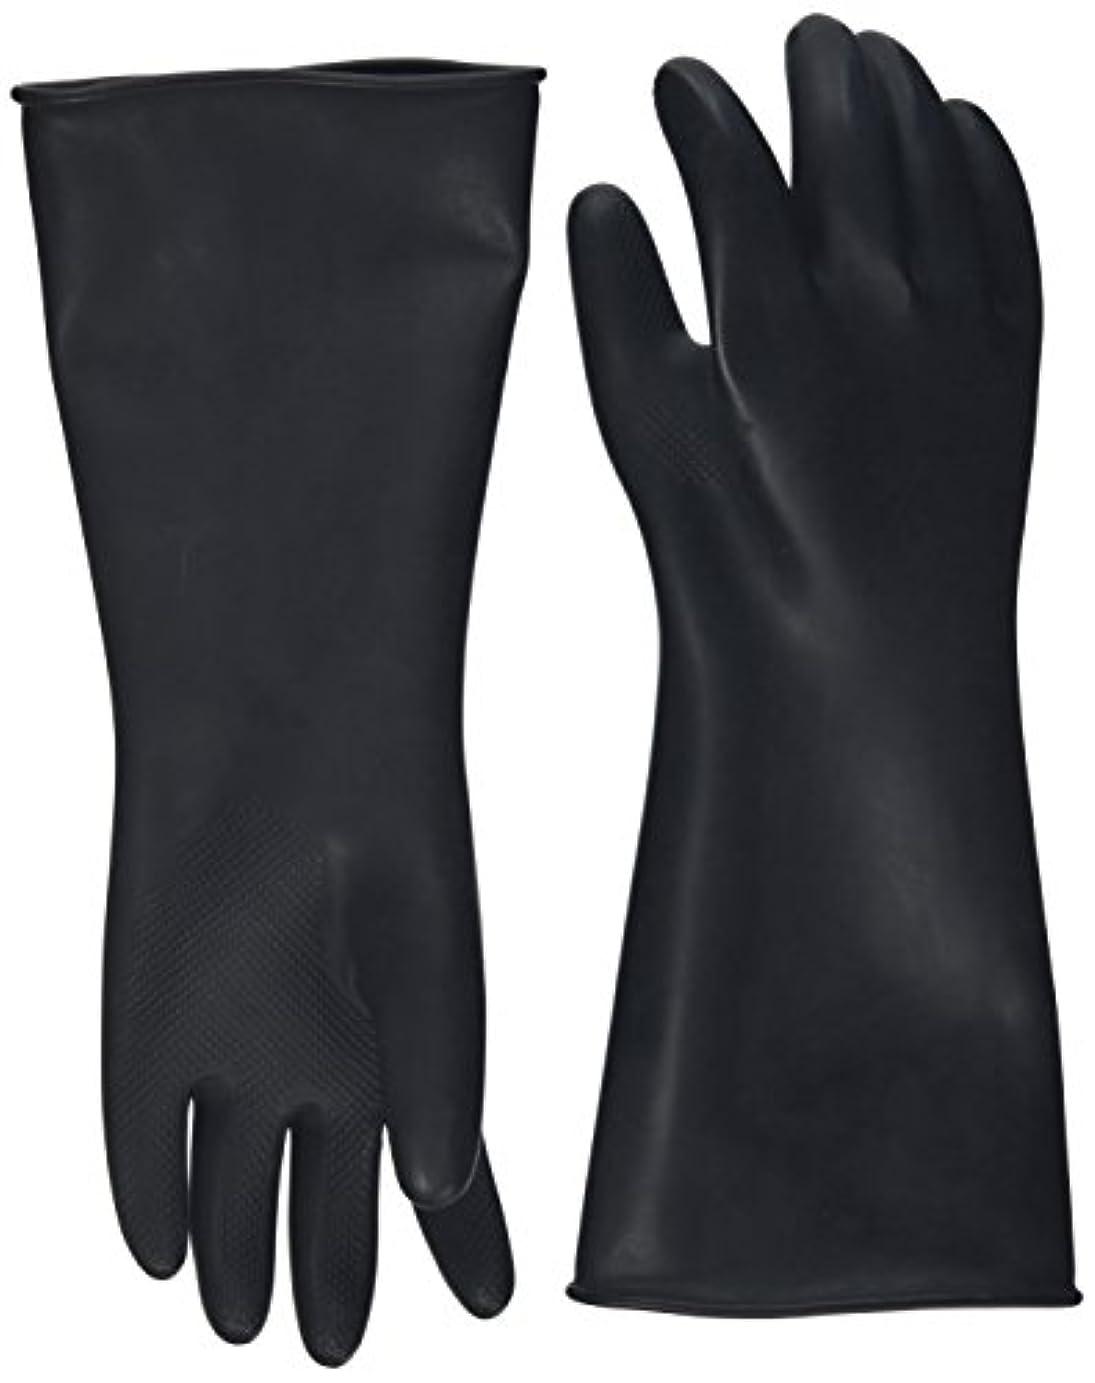 ハナキゴム 工業用手袋ハナローブ No.436 滑り止め付き曲指型 ブラック